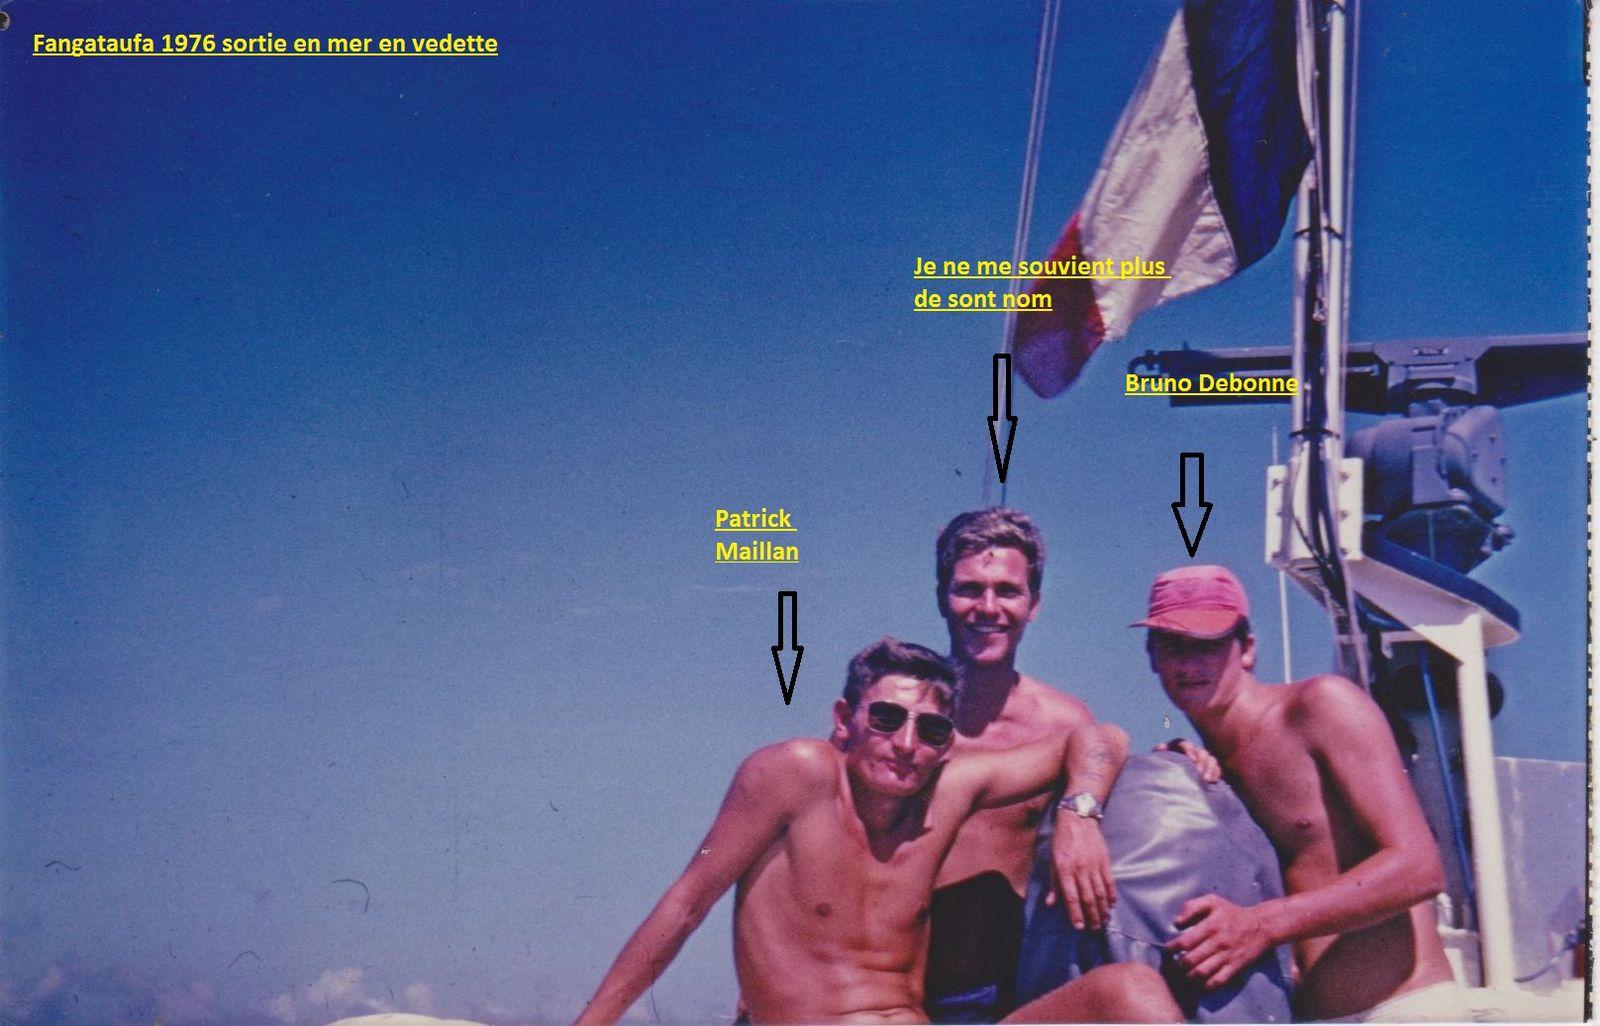 Philippe au milieu, le pêcheur de requins, ci dessous.